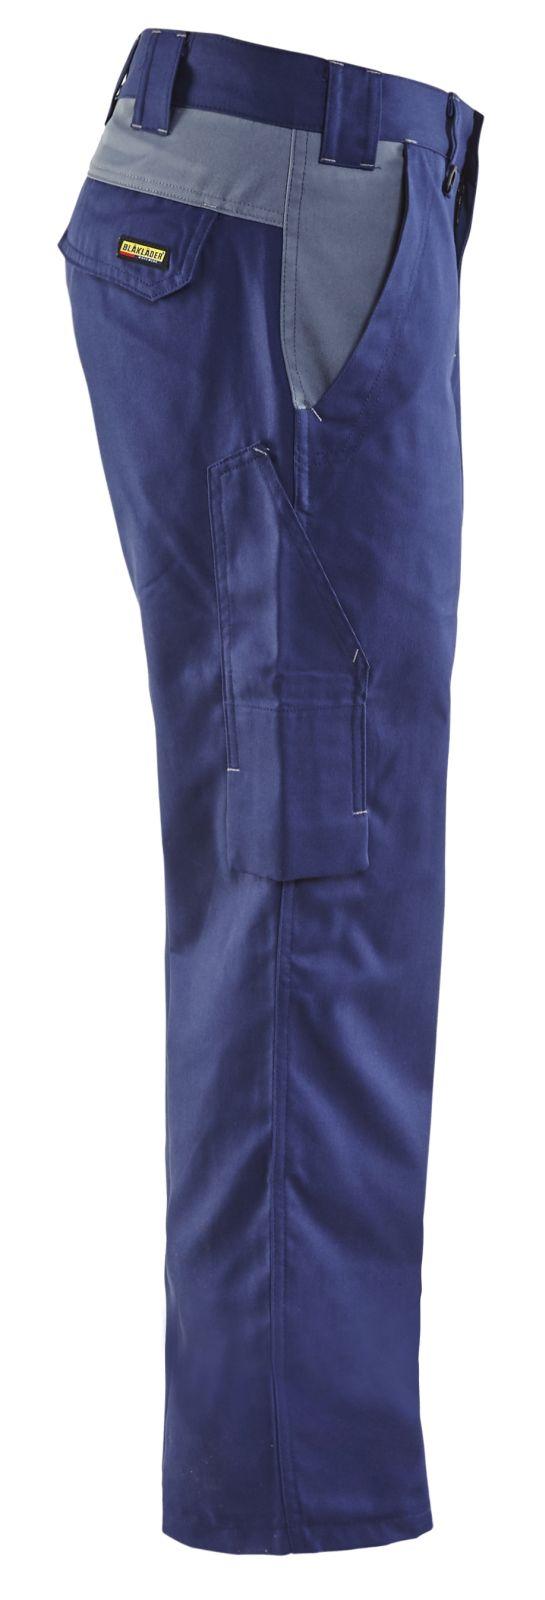 Blaklader Broeken 14041800 marineblauw-grijs(8994)